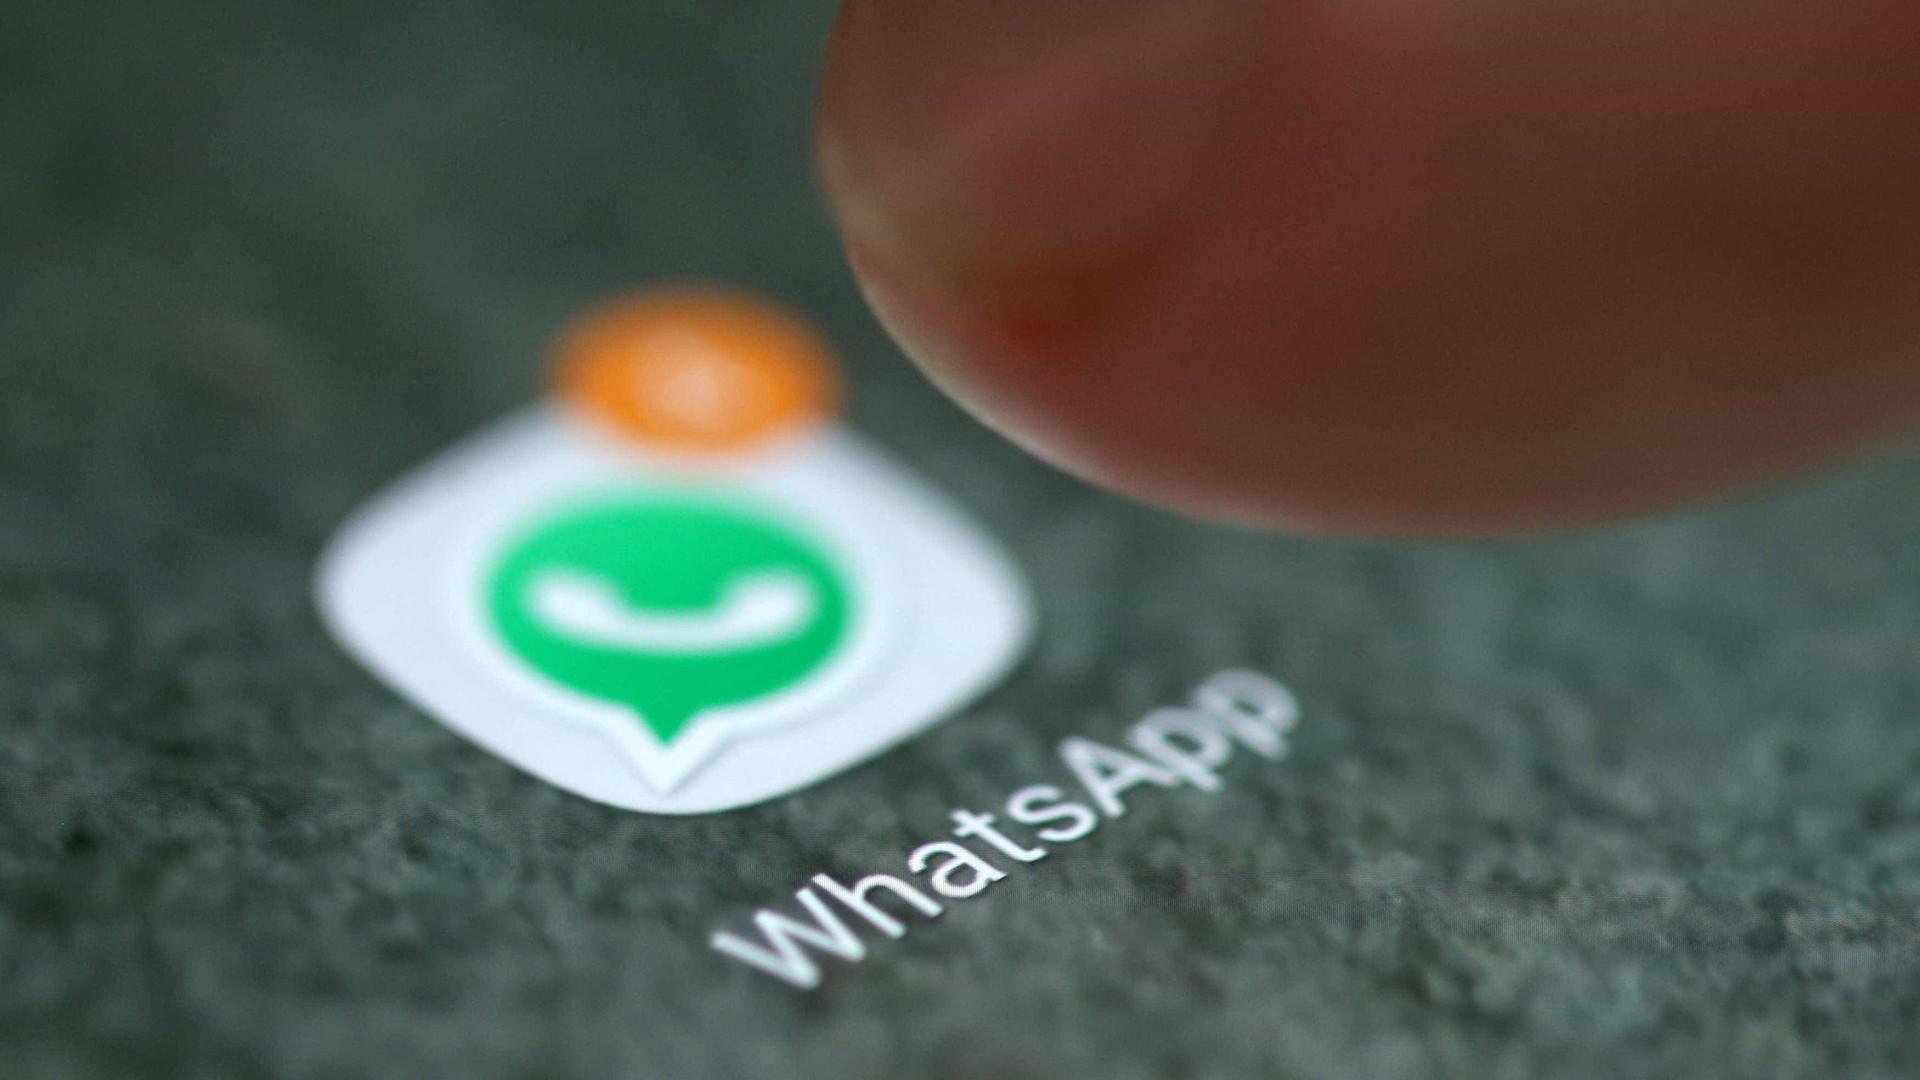 Conheça truque para ver mensagens apagadas para todos no WhatsApp